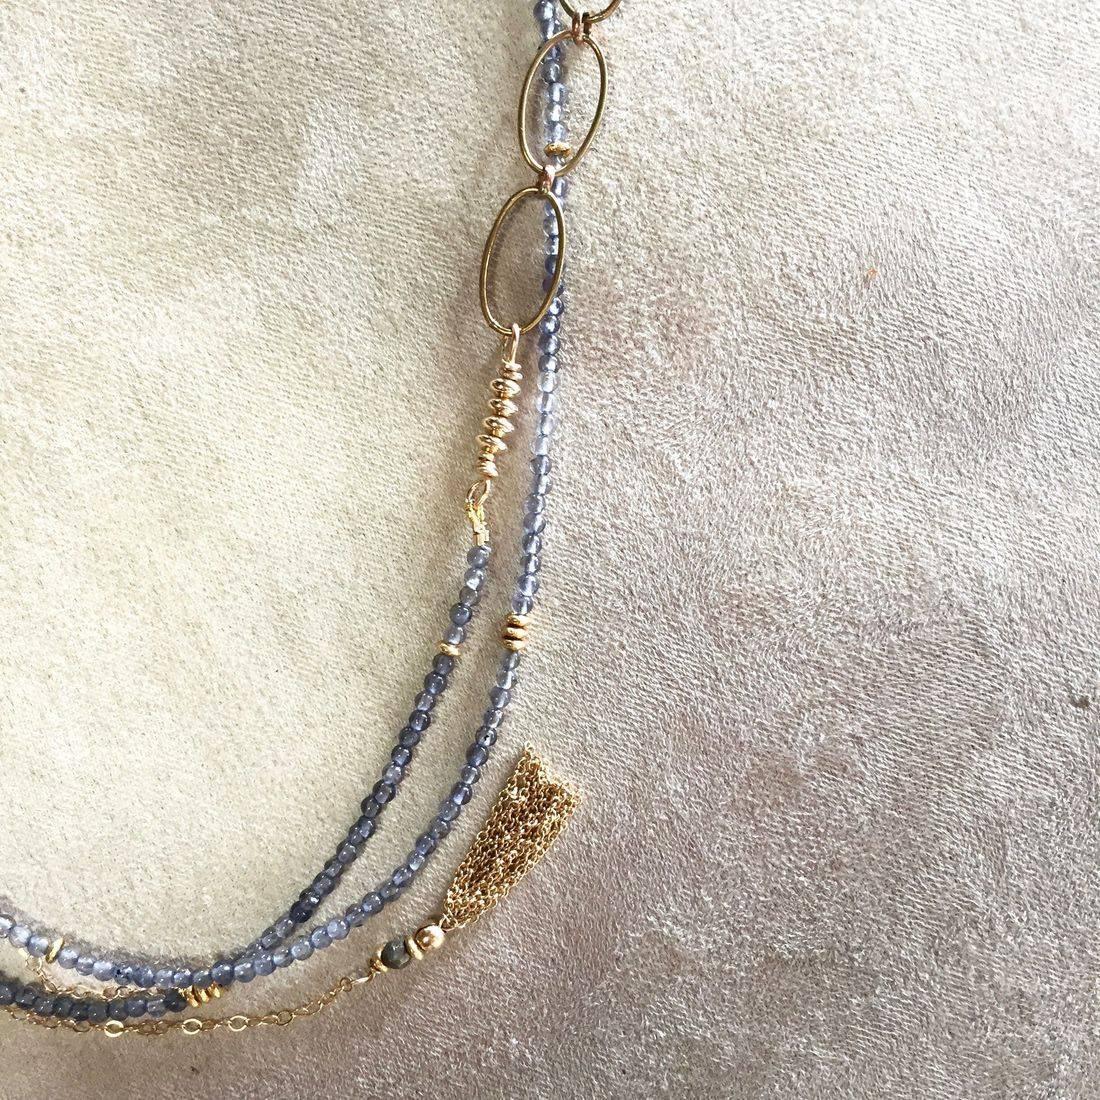 gemstone necklace,14k gold filled chain, gold tassel, wrap bracelet